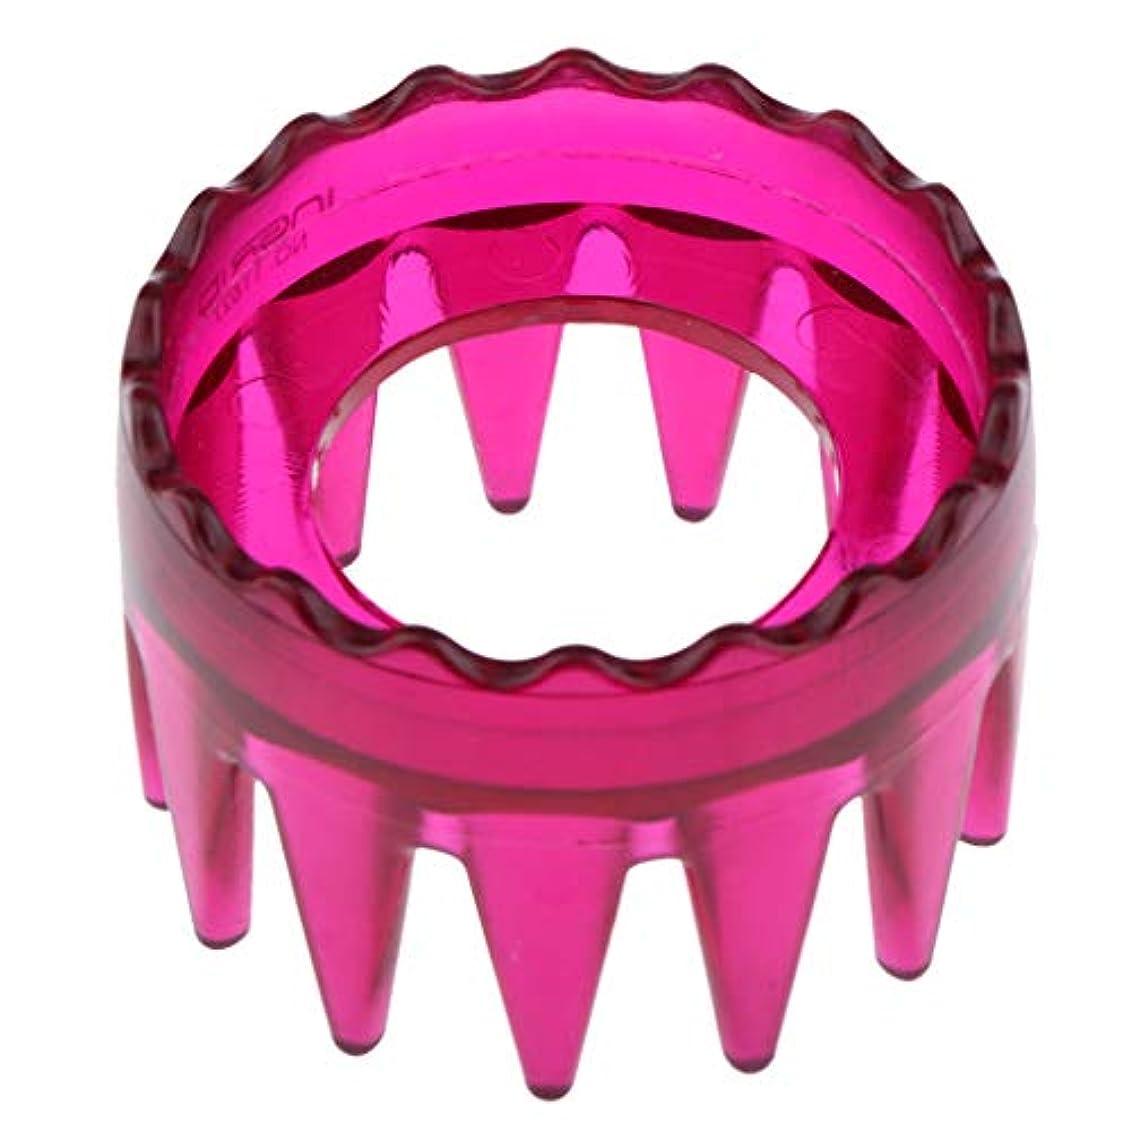 ディスカウントジェーンオースティンチャームDYNWAVE シャンプーブラシ 洗髪櫛 マッサージャー ヘアコーム ヘアブラシ プラスチック製 全4色 - ローズレッド